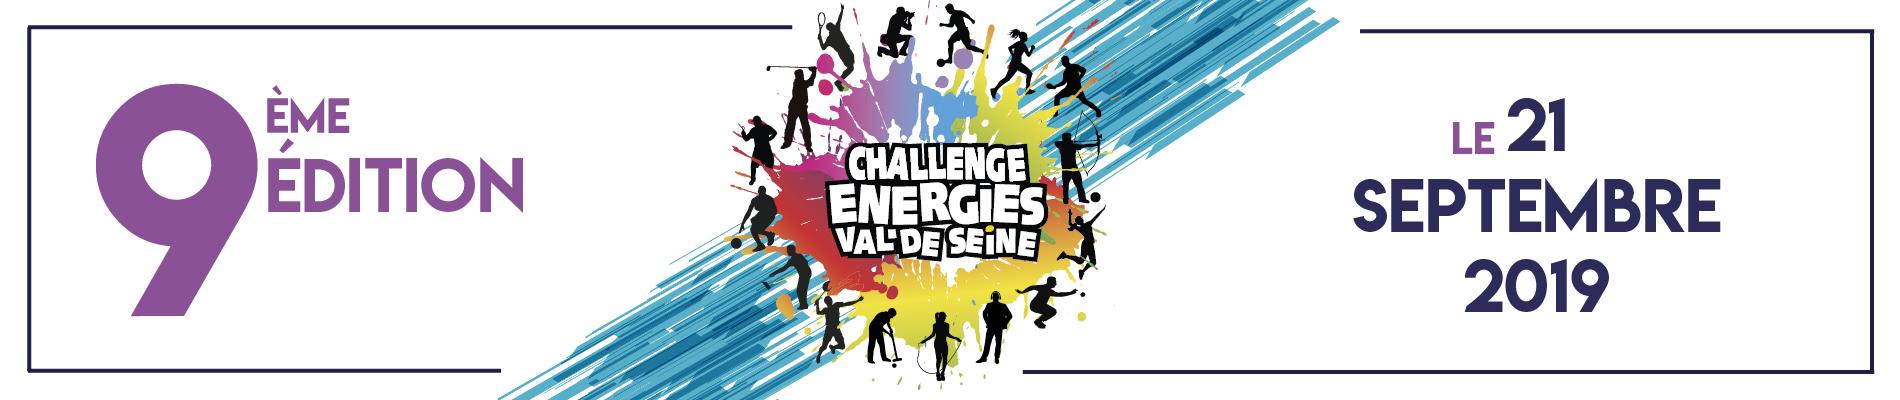 Challenge Energies 2019 21 septembre 9ème édition